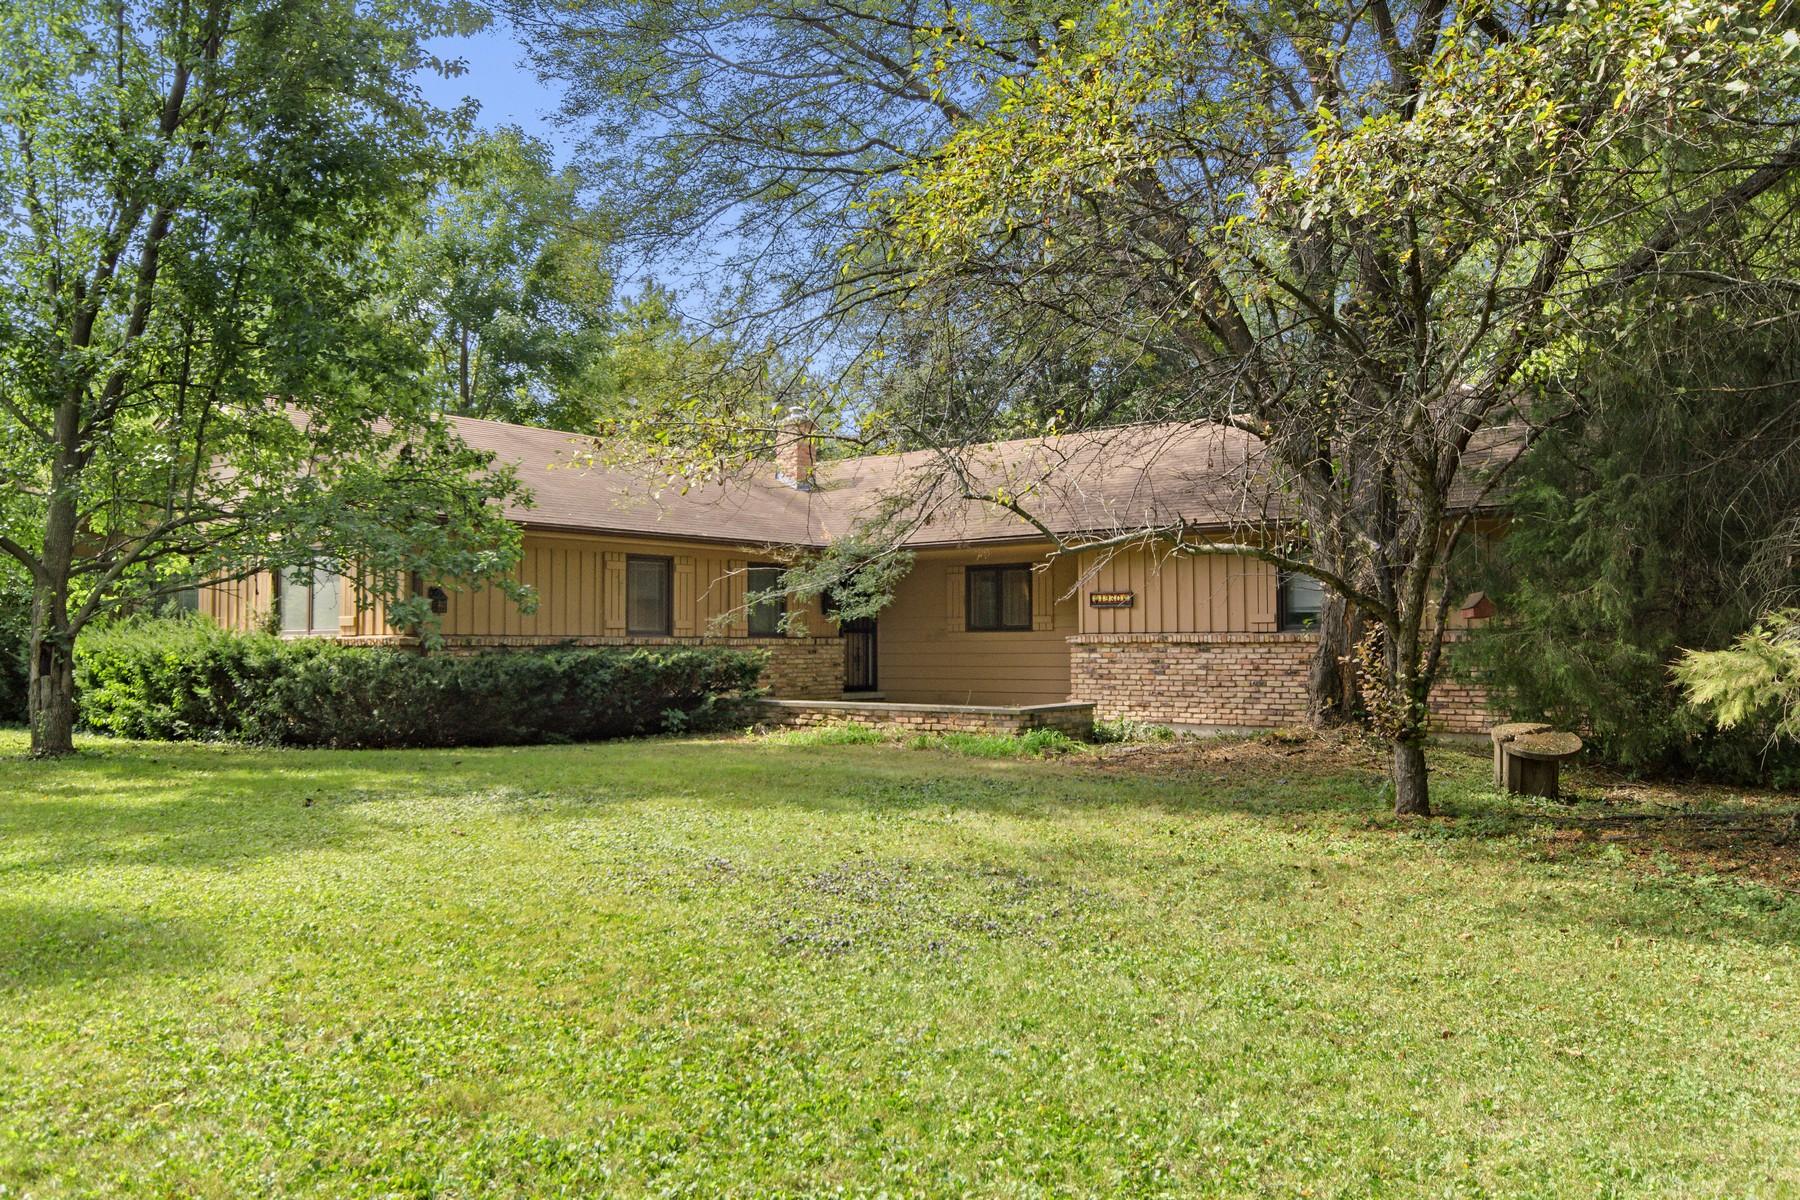 Maison unifamiliale pour l Vente à Expanded Ranch 1930 Strenger Lane Riverwoods, Illinois, 60015 États-Unis